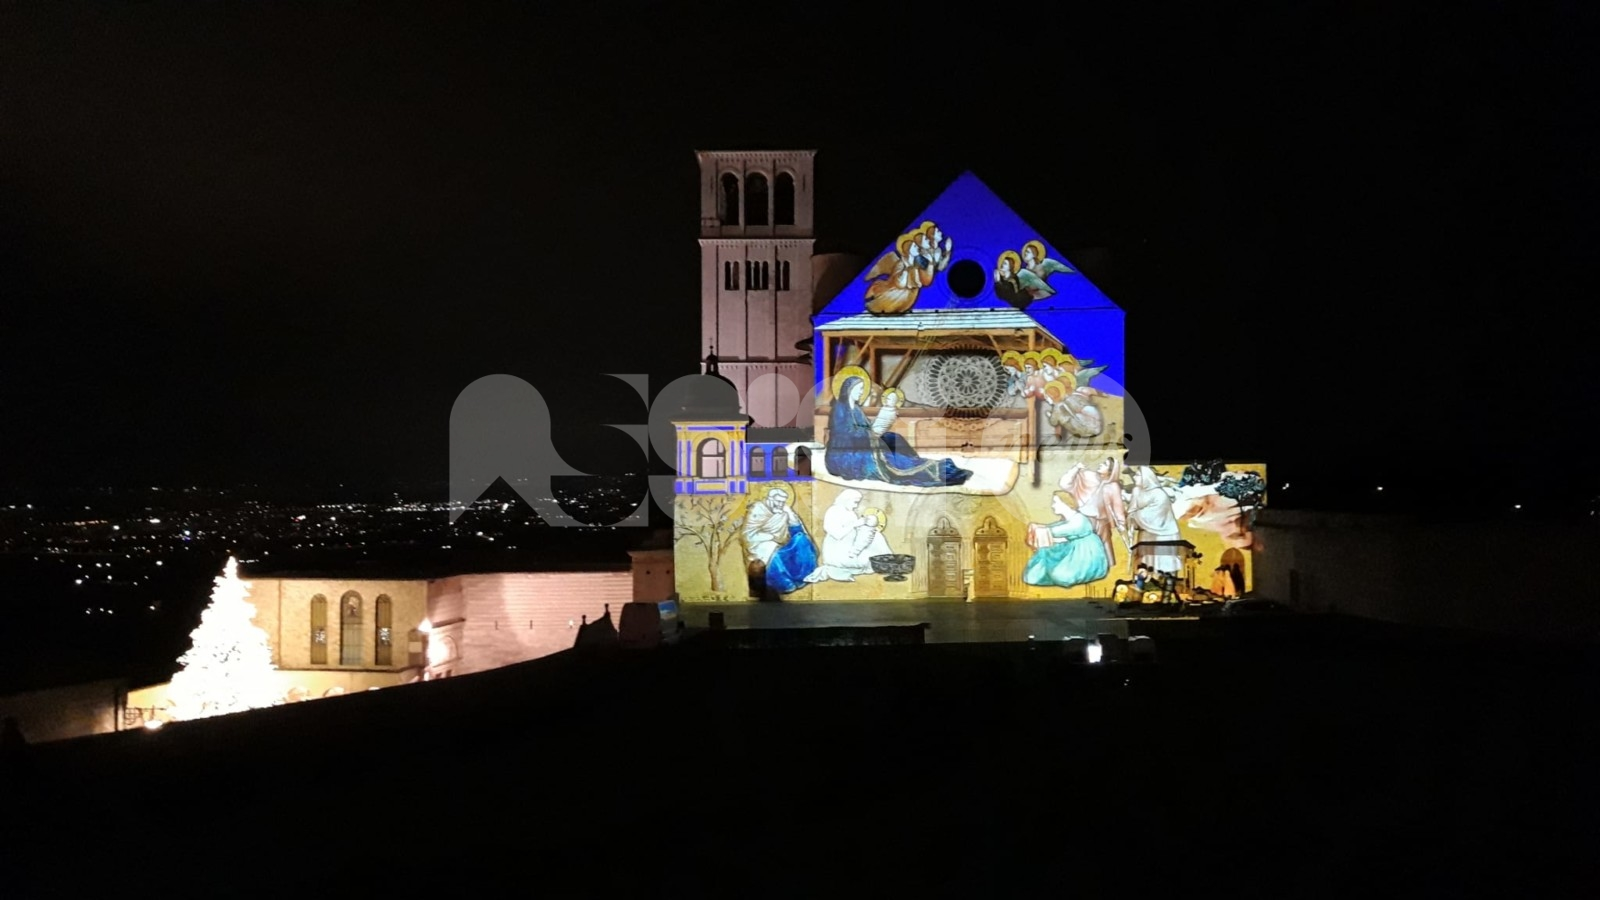 Natale ad Assisi 2020, accesi albero e presepe a San Francesco: omaggio agli operatori sanitari tra modernità e tradizione (foto+video)